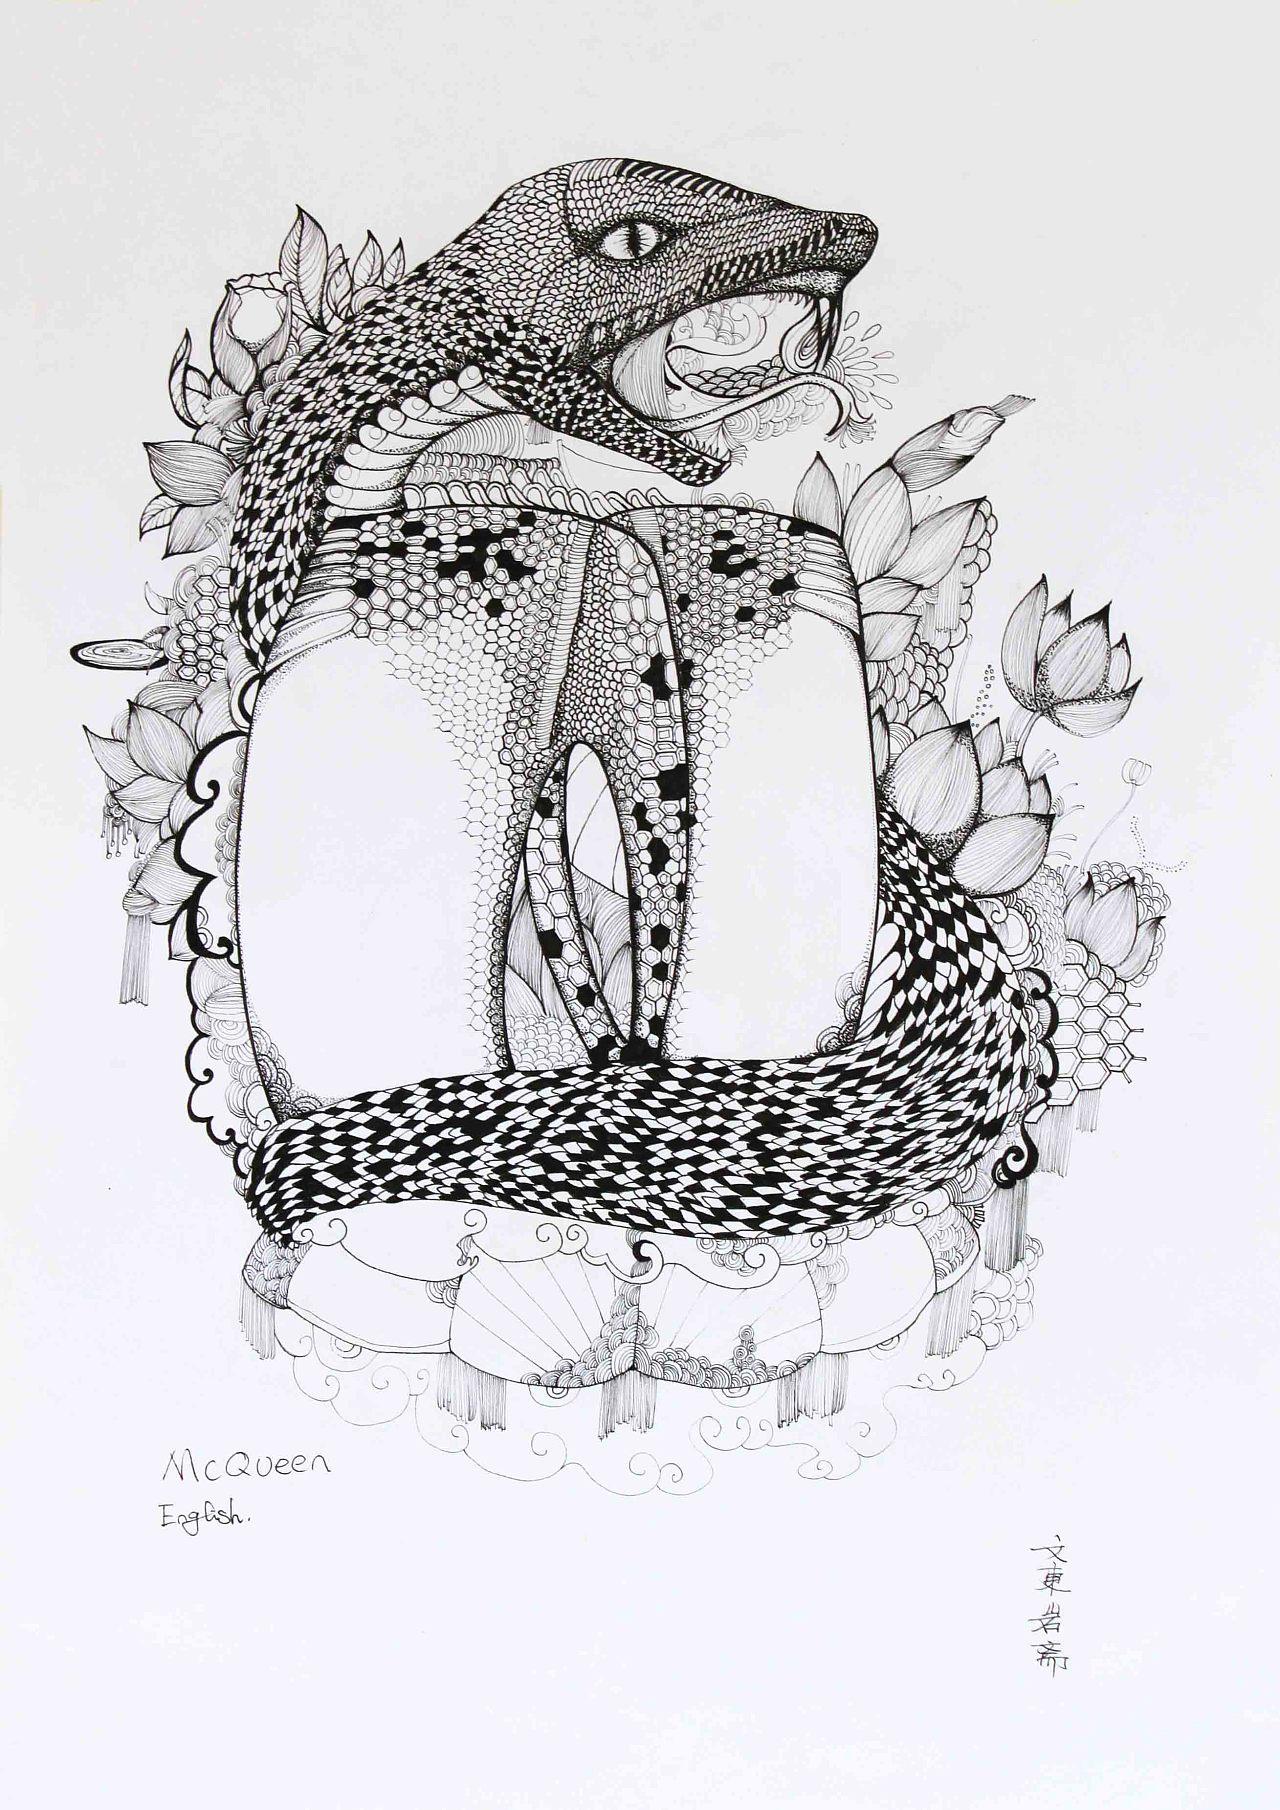 简笔画 设计 矢量 矢量图 手绘 素材 线稿 1280_1810 竖版 竖屏